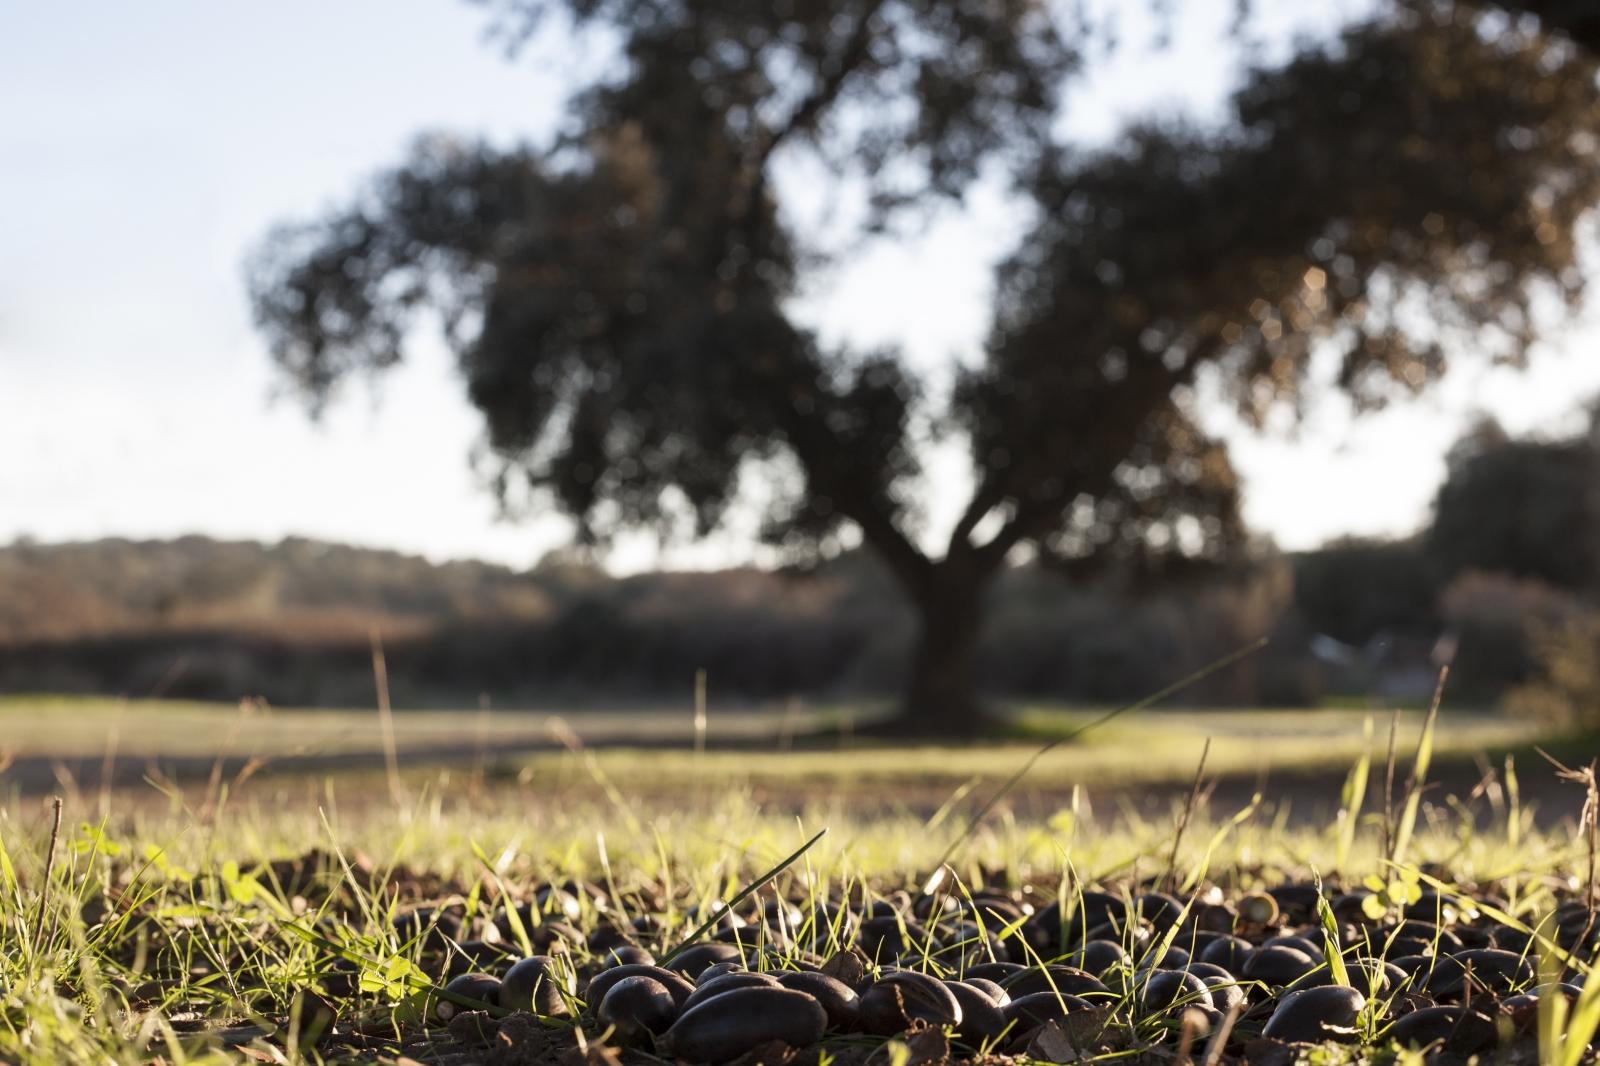 La UE redacta una directiva contra los abusos en el sector agrario